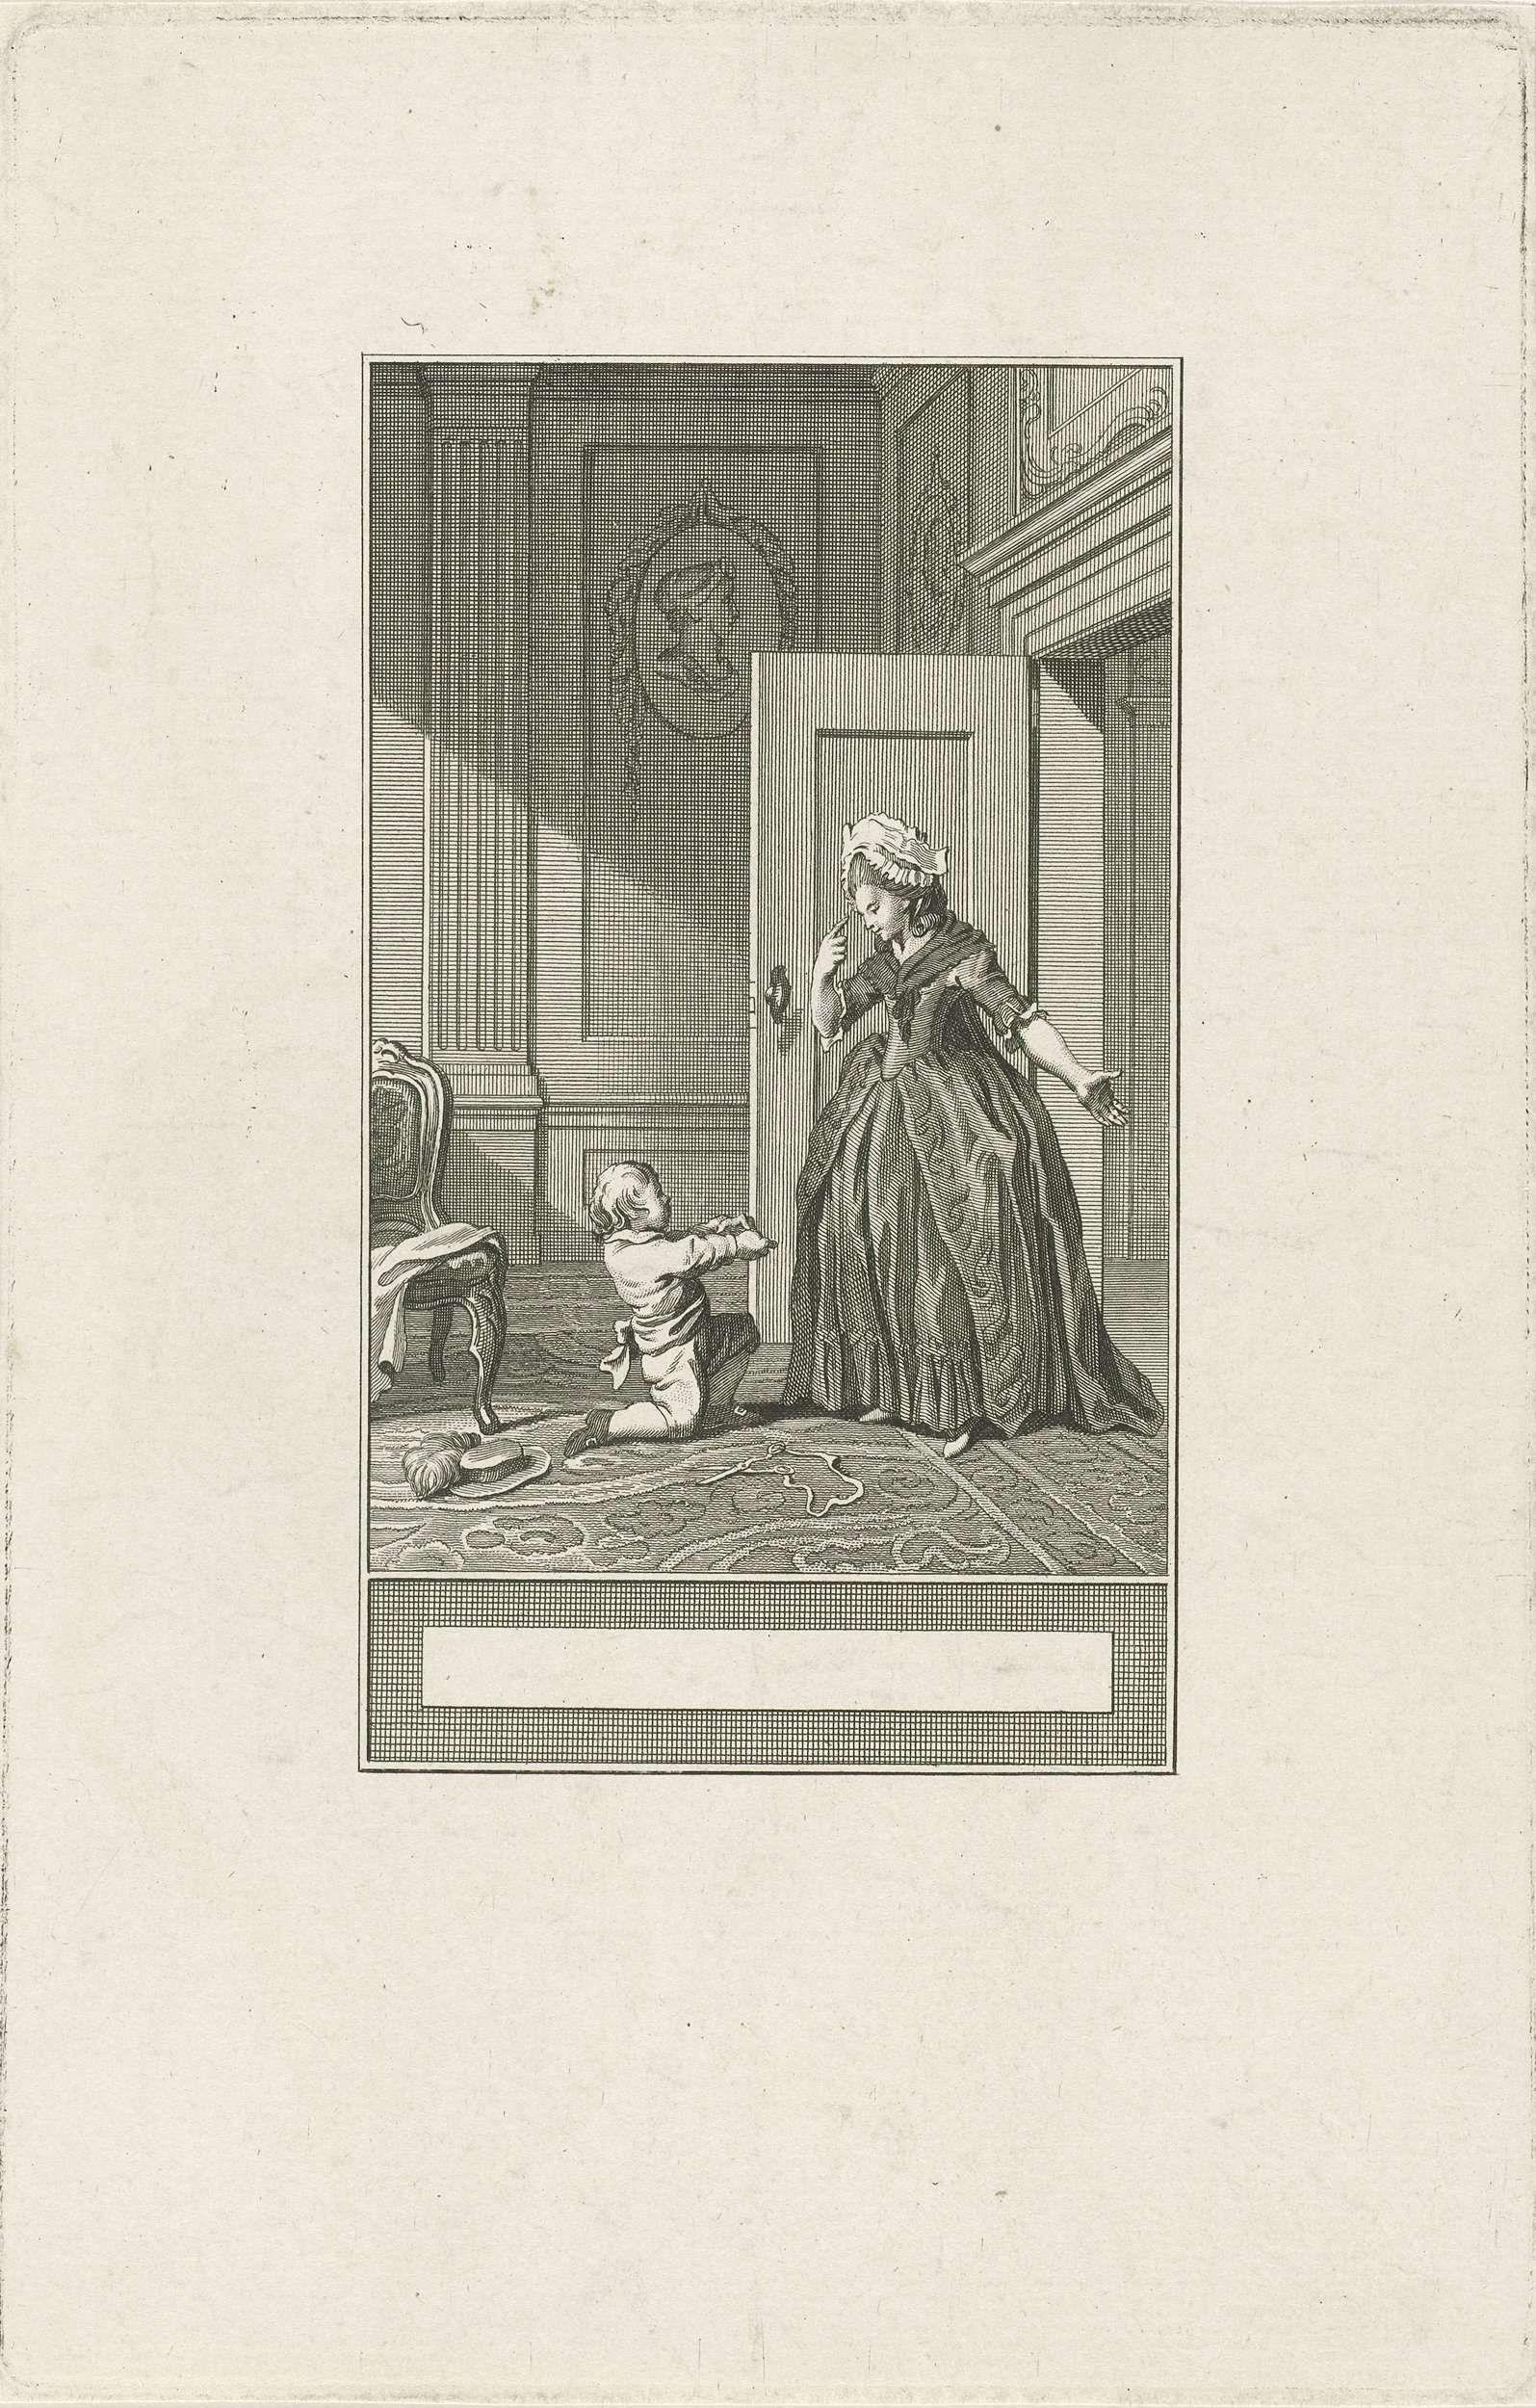 Noach van der Meer (II) | Het kind en de schaar, Noach van der Meer (II), Jacobus Buys, 1777 | Een kind heeft zich bezeerd met de schaar en toont zijn vinger aan zijn moeder.